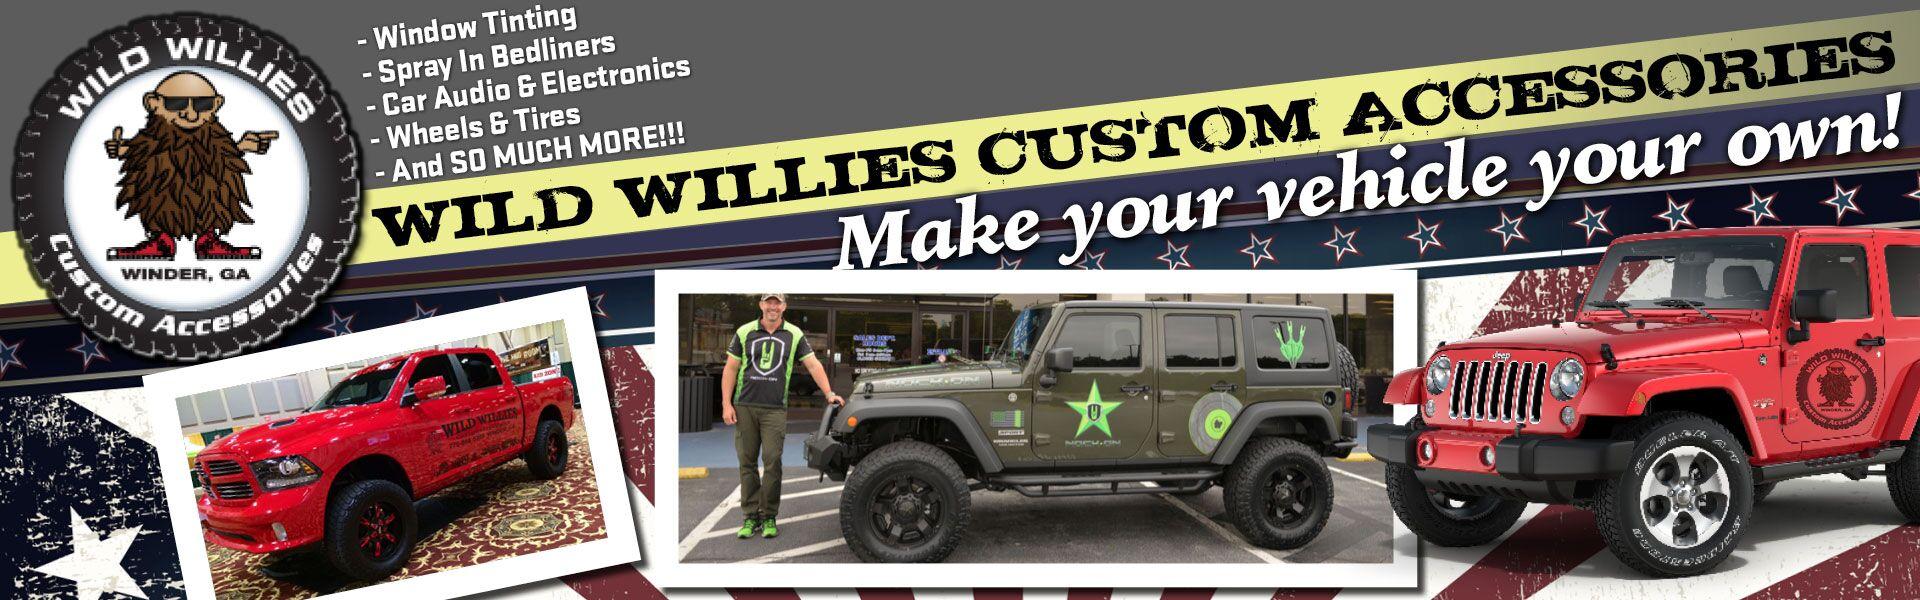 Used Vehicle Dealership Winder GA | Wild Willie's Custom